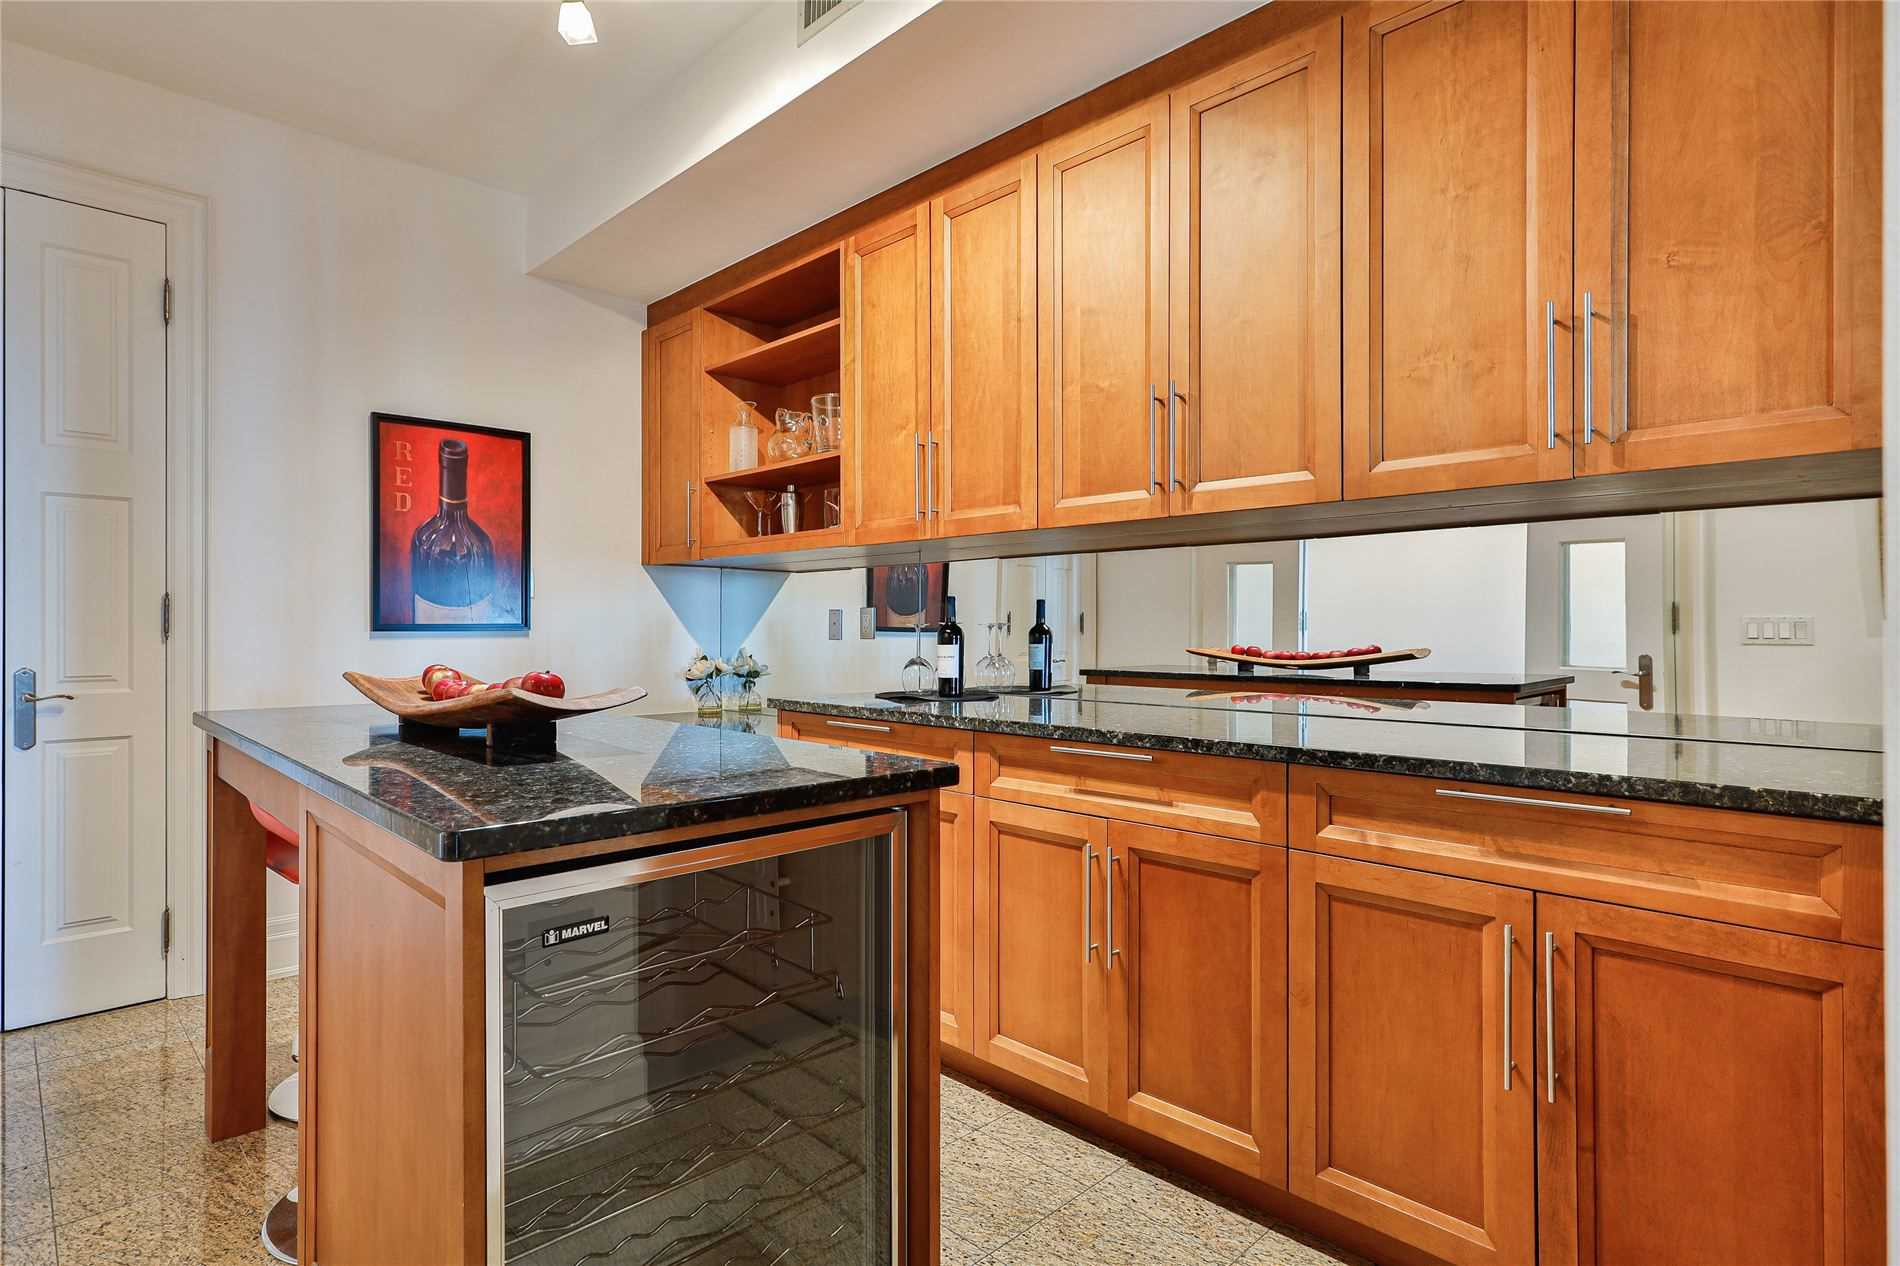 317 - 2095 Lake Shore Blvd W - Mimico Condo Apt for sale, 2 Bedrooms (W5369727) - #17